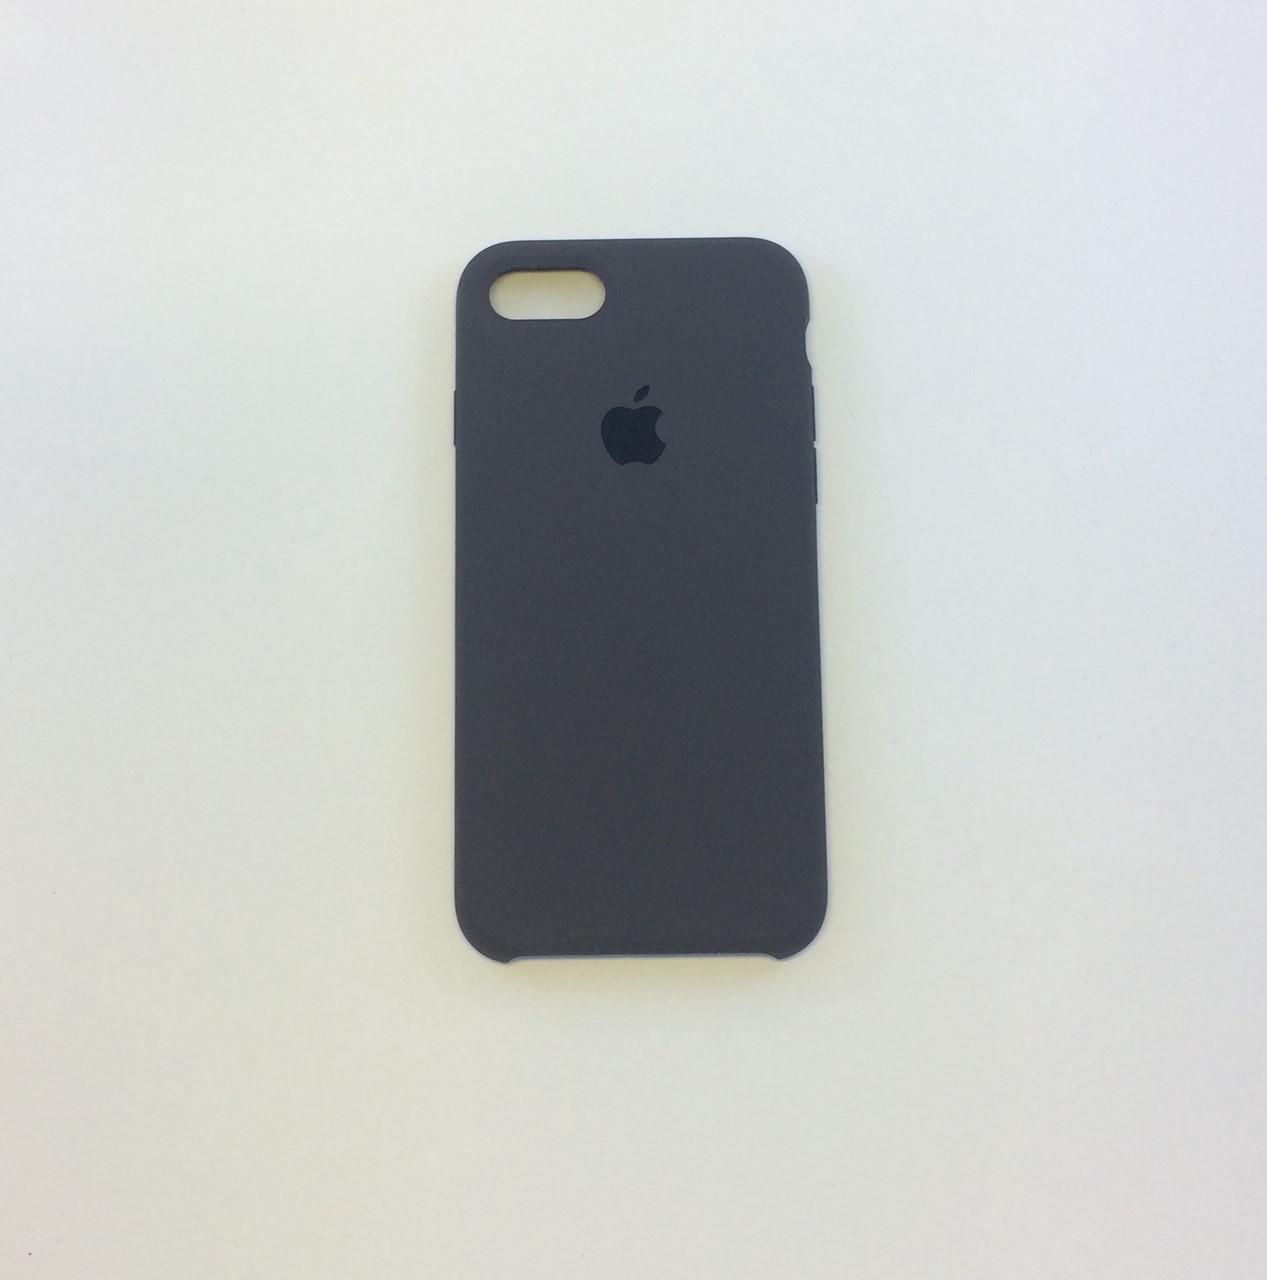 Силиконовый чехол iPhone 7 Plus / 8 Plus, коричневый, copy original